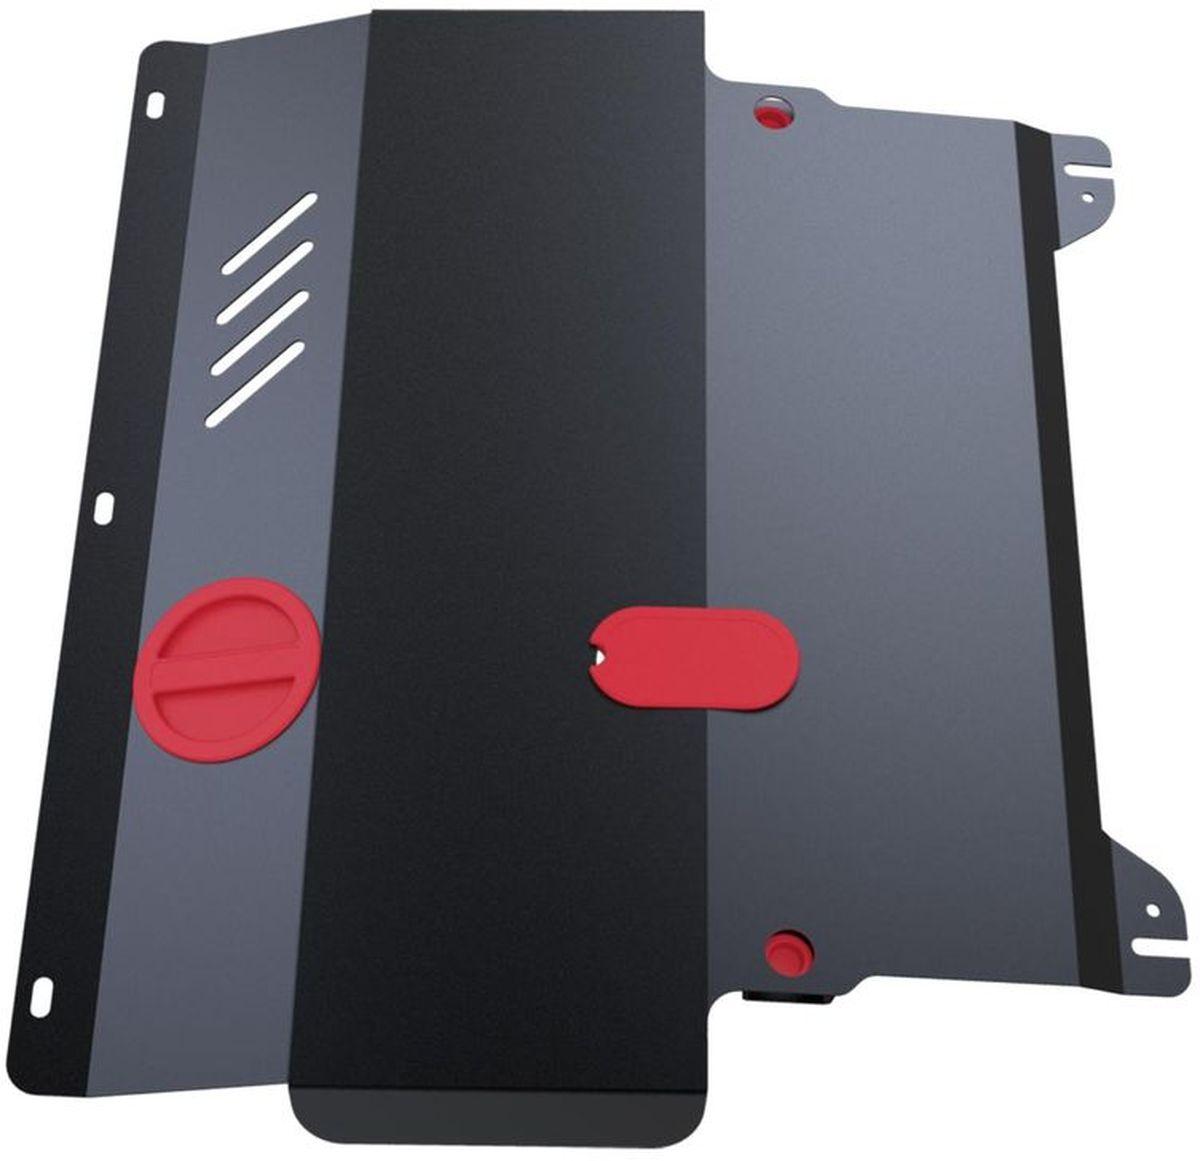 Защита картера и КПП Автоброня, для Toyota Yaris, V - 1,3 (2009-2011)111.05708.1Технологически совершенный продукт за невысокую стоимость. Защита разработана с учетом особенностей днища автомобиля, что позволяет сохранить дорожный просвет с минимальным изменением. Защита устанавливается в штатные места кузова автомобиля. Глубокий штамп обеспечивает до двух раз больше жесткости в сравнении с обычной защитой той же толщины. Проштампованные ребра жесткости препятствуют деформации защиты при ударах. Тепловой зазор и вентиляционные отверстия обеспечивают сохранение температурного режима двигателя в норме. Скрытый крепеж предотвращает срыв крепежных элементов при наезде на препятствие. Шумопоглощающие резиновые элементы обеспечивают комфортную езду без вибраций и скрежета металла, а съемные лючки для слива масла и замены фильтра - экономию средств и время. Конструкция изделия не влияет на пассивную безопасность автомобиля (при ударе защита не воздействует на деформационные зоны кузова). Со штатным крепежом. В комплекте инструкция по установке....